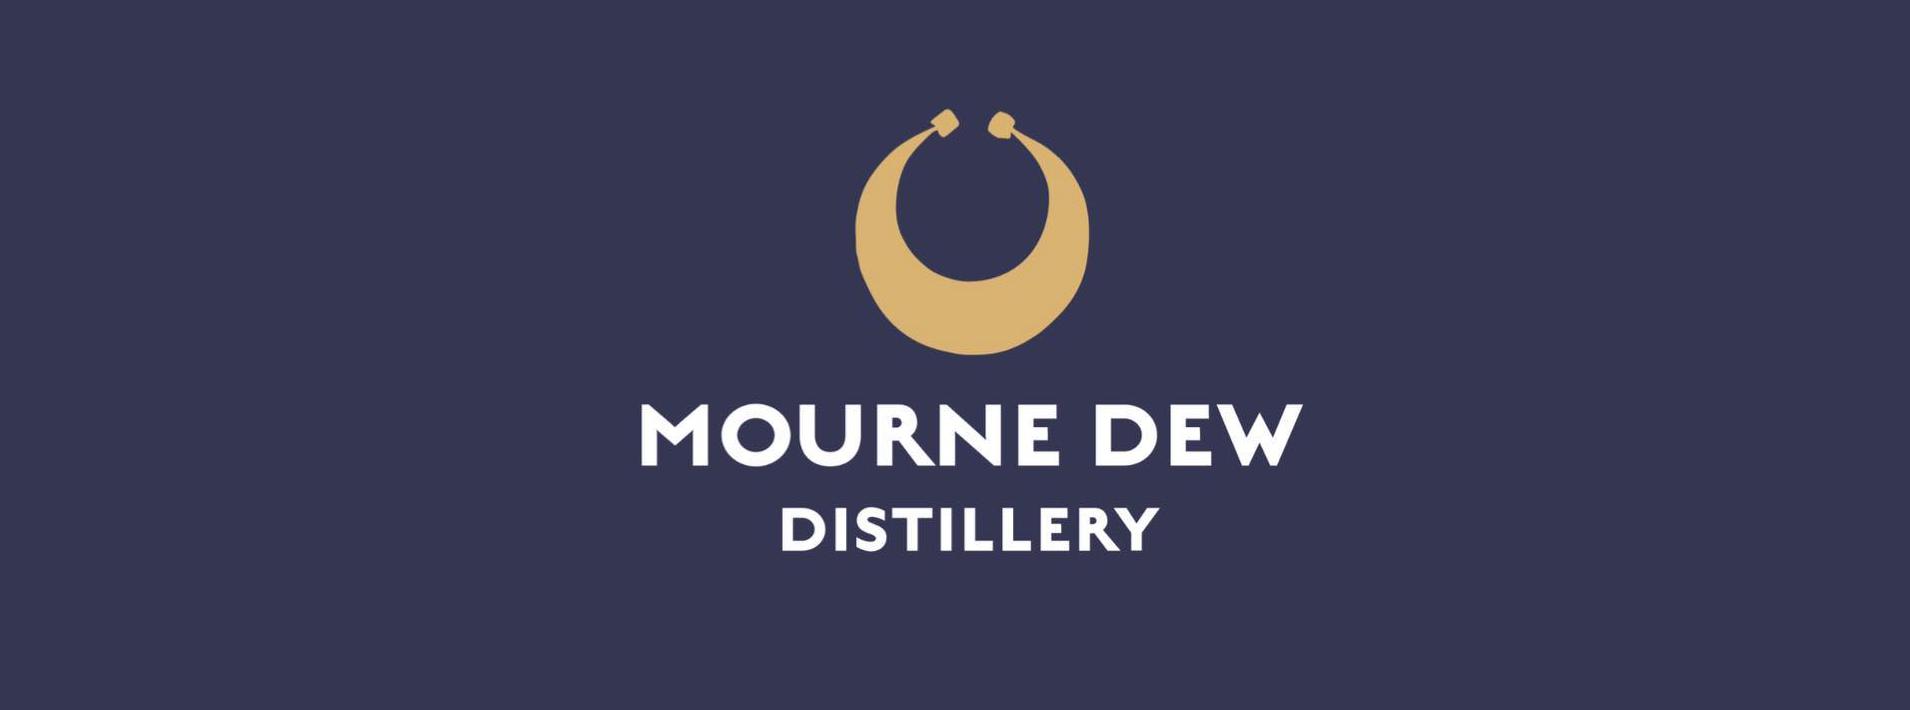 Mourne Dew Distillery